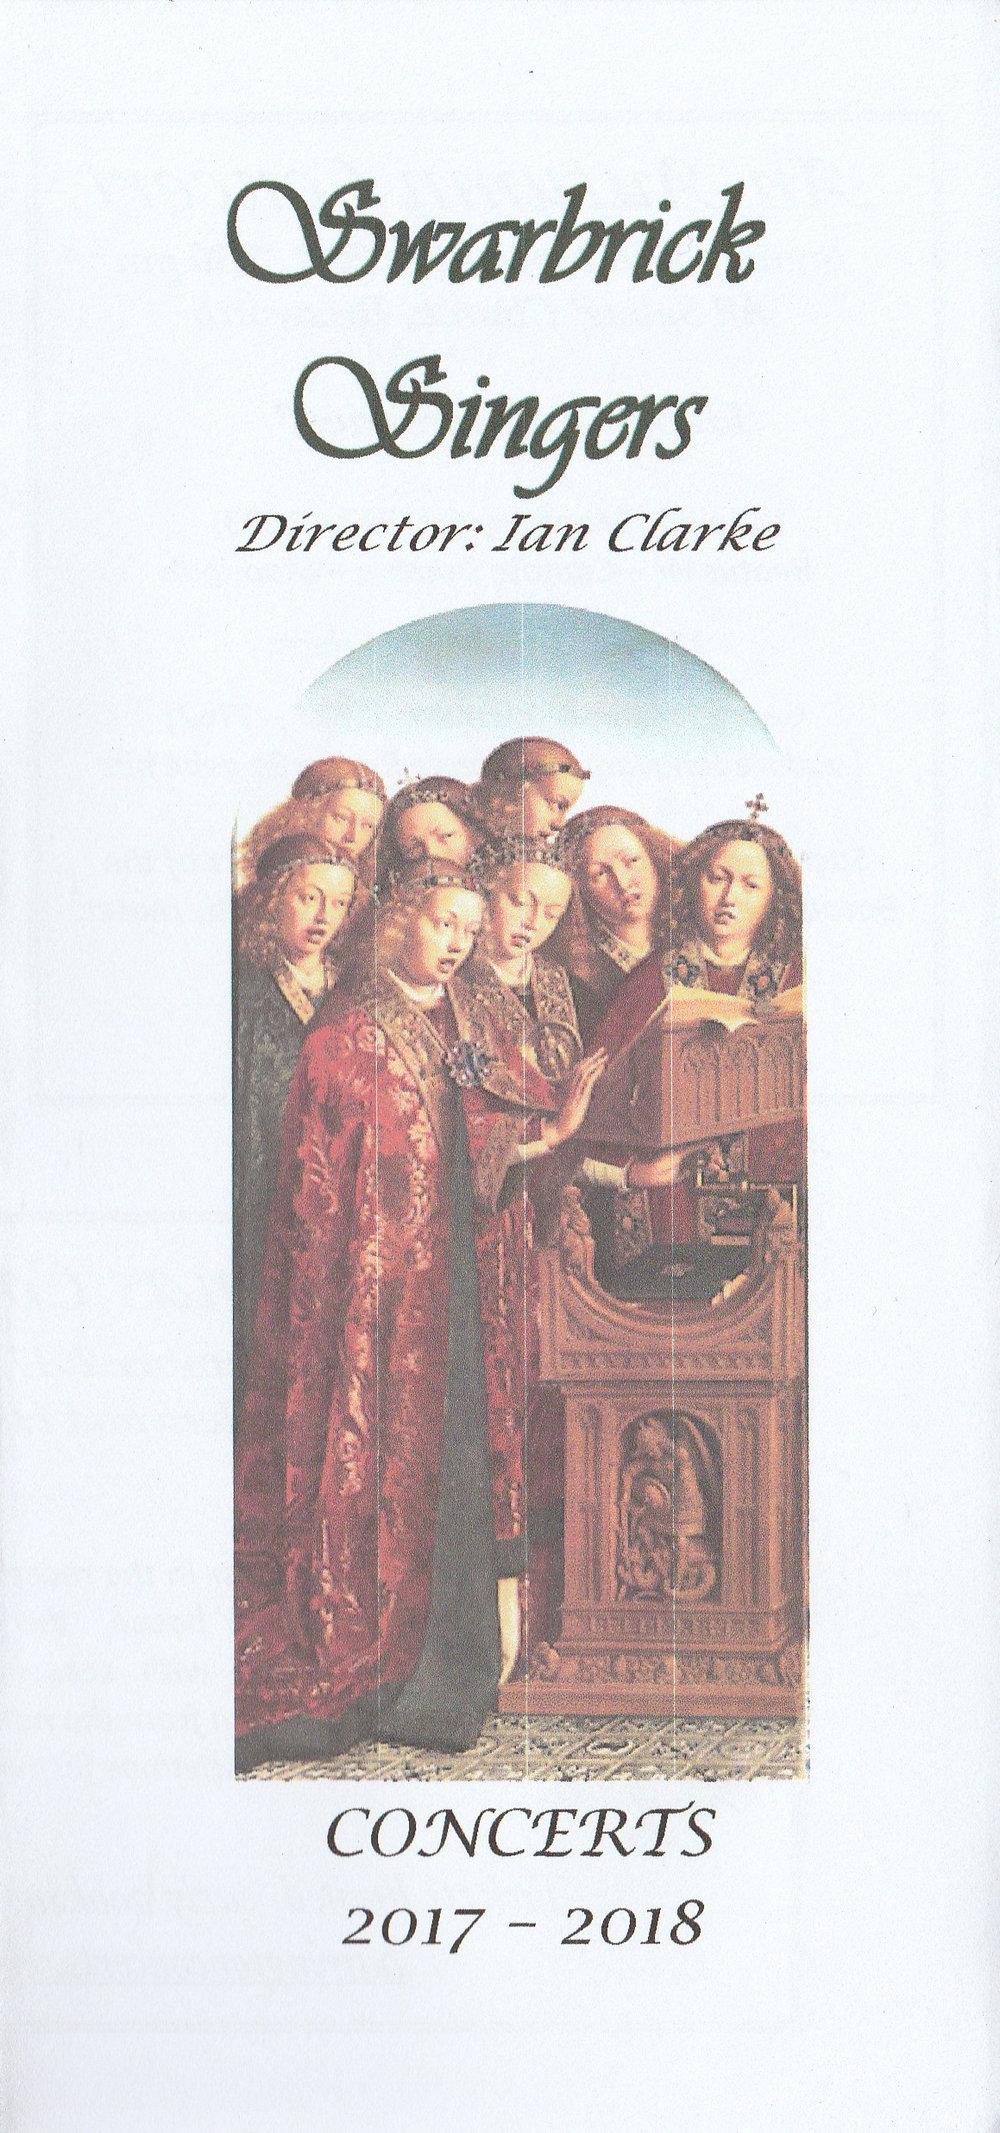 Swarbrick Singers p1.jpg